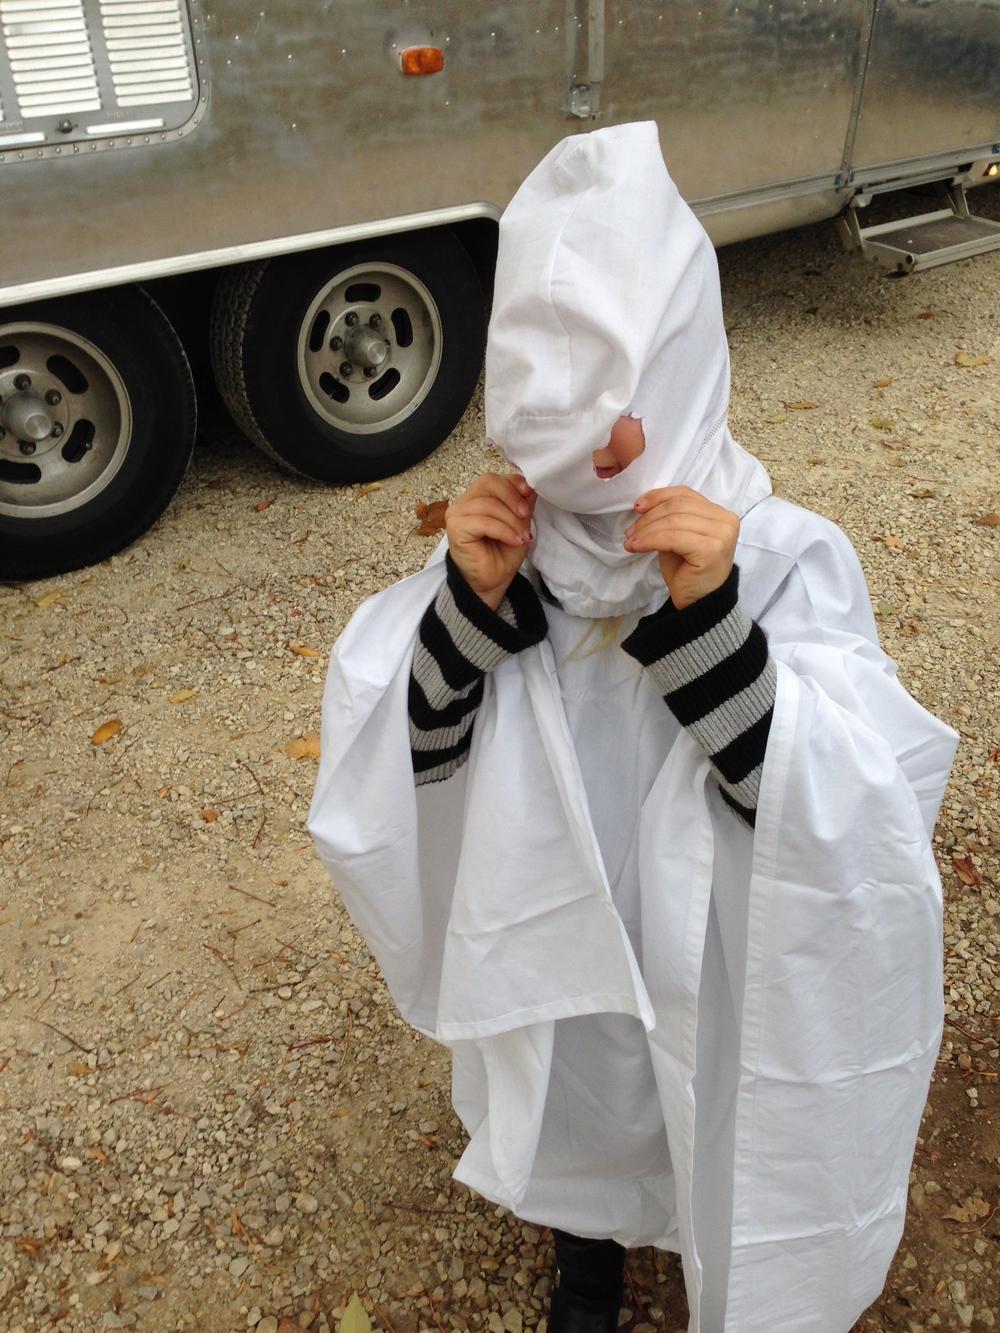 A Ghost (not a KKK member).